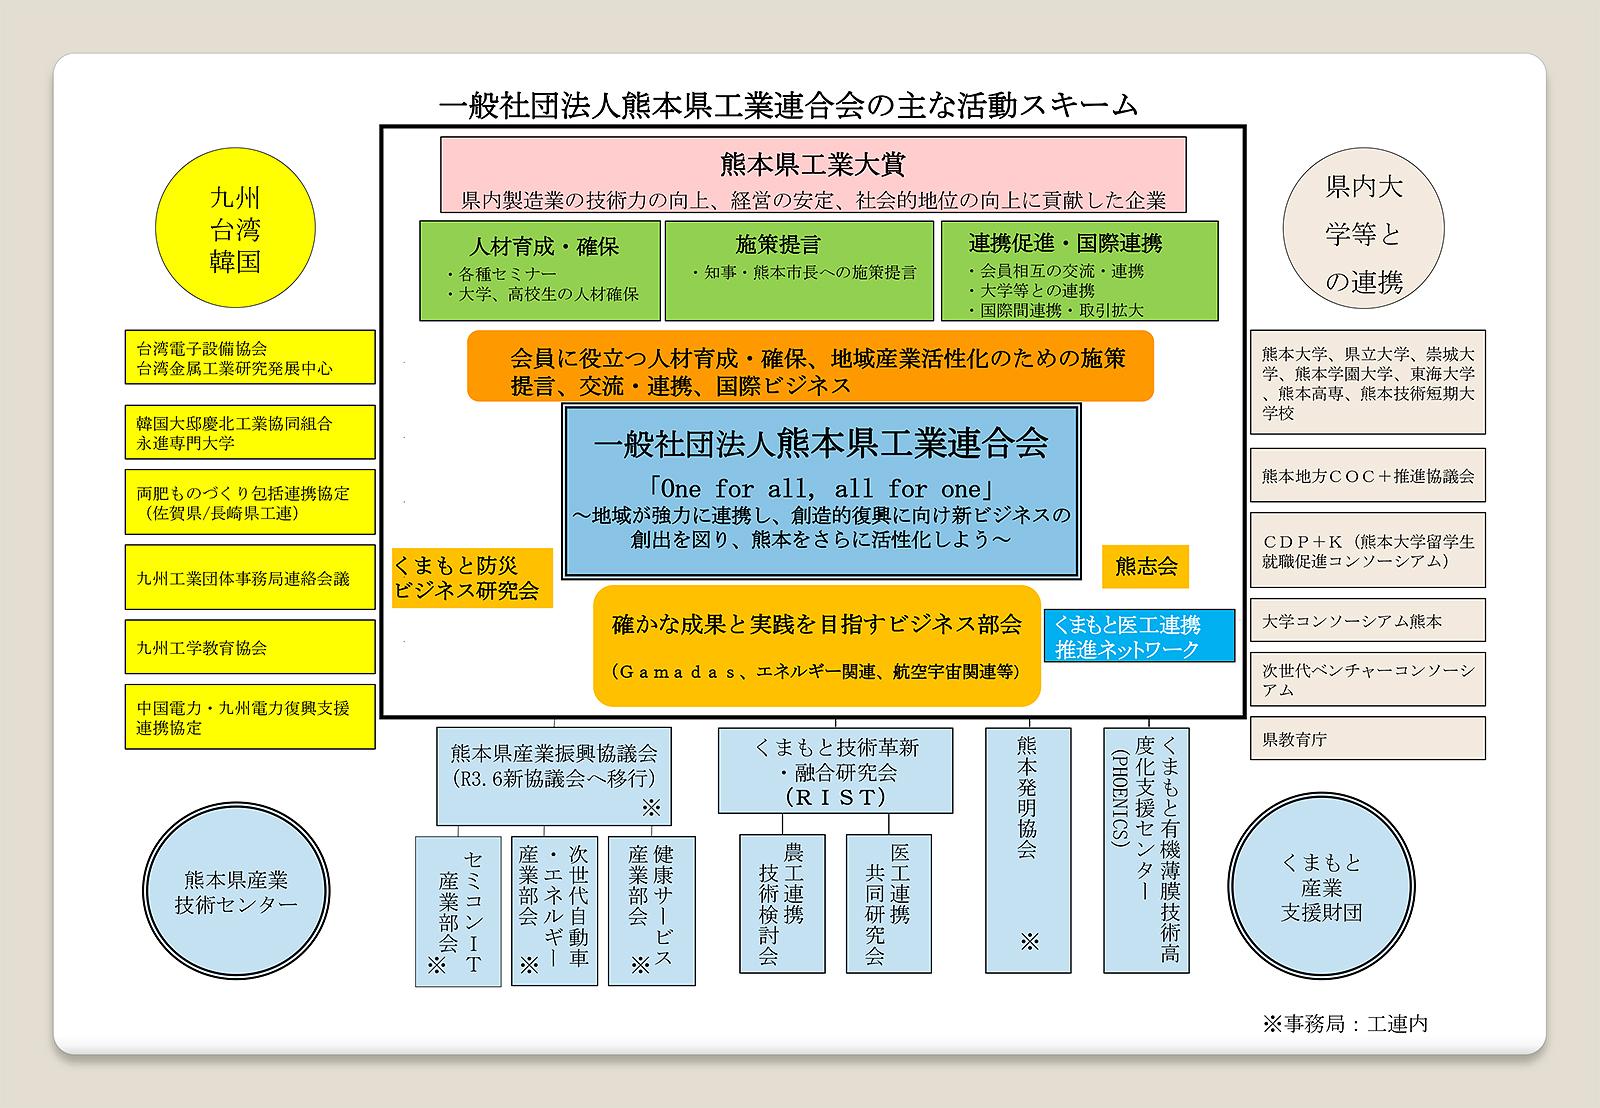 一般社団法人熊本県工業連合会の活動スキーム